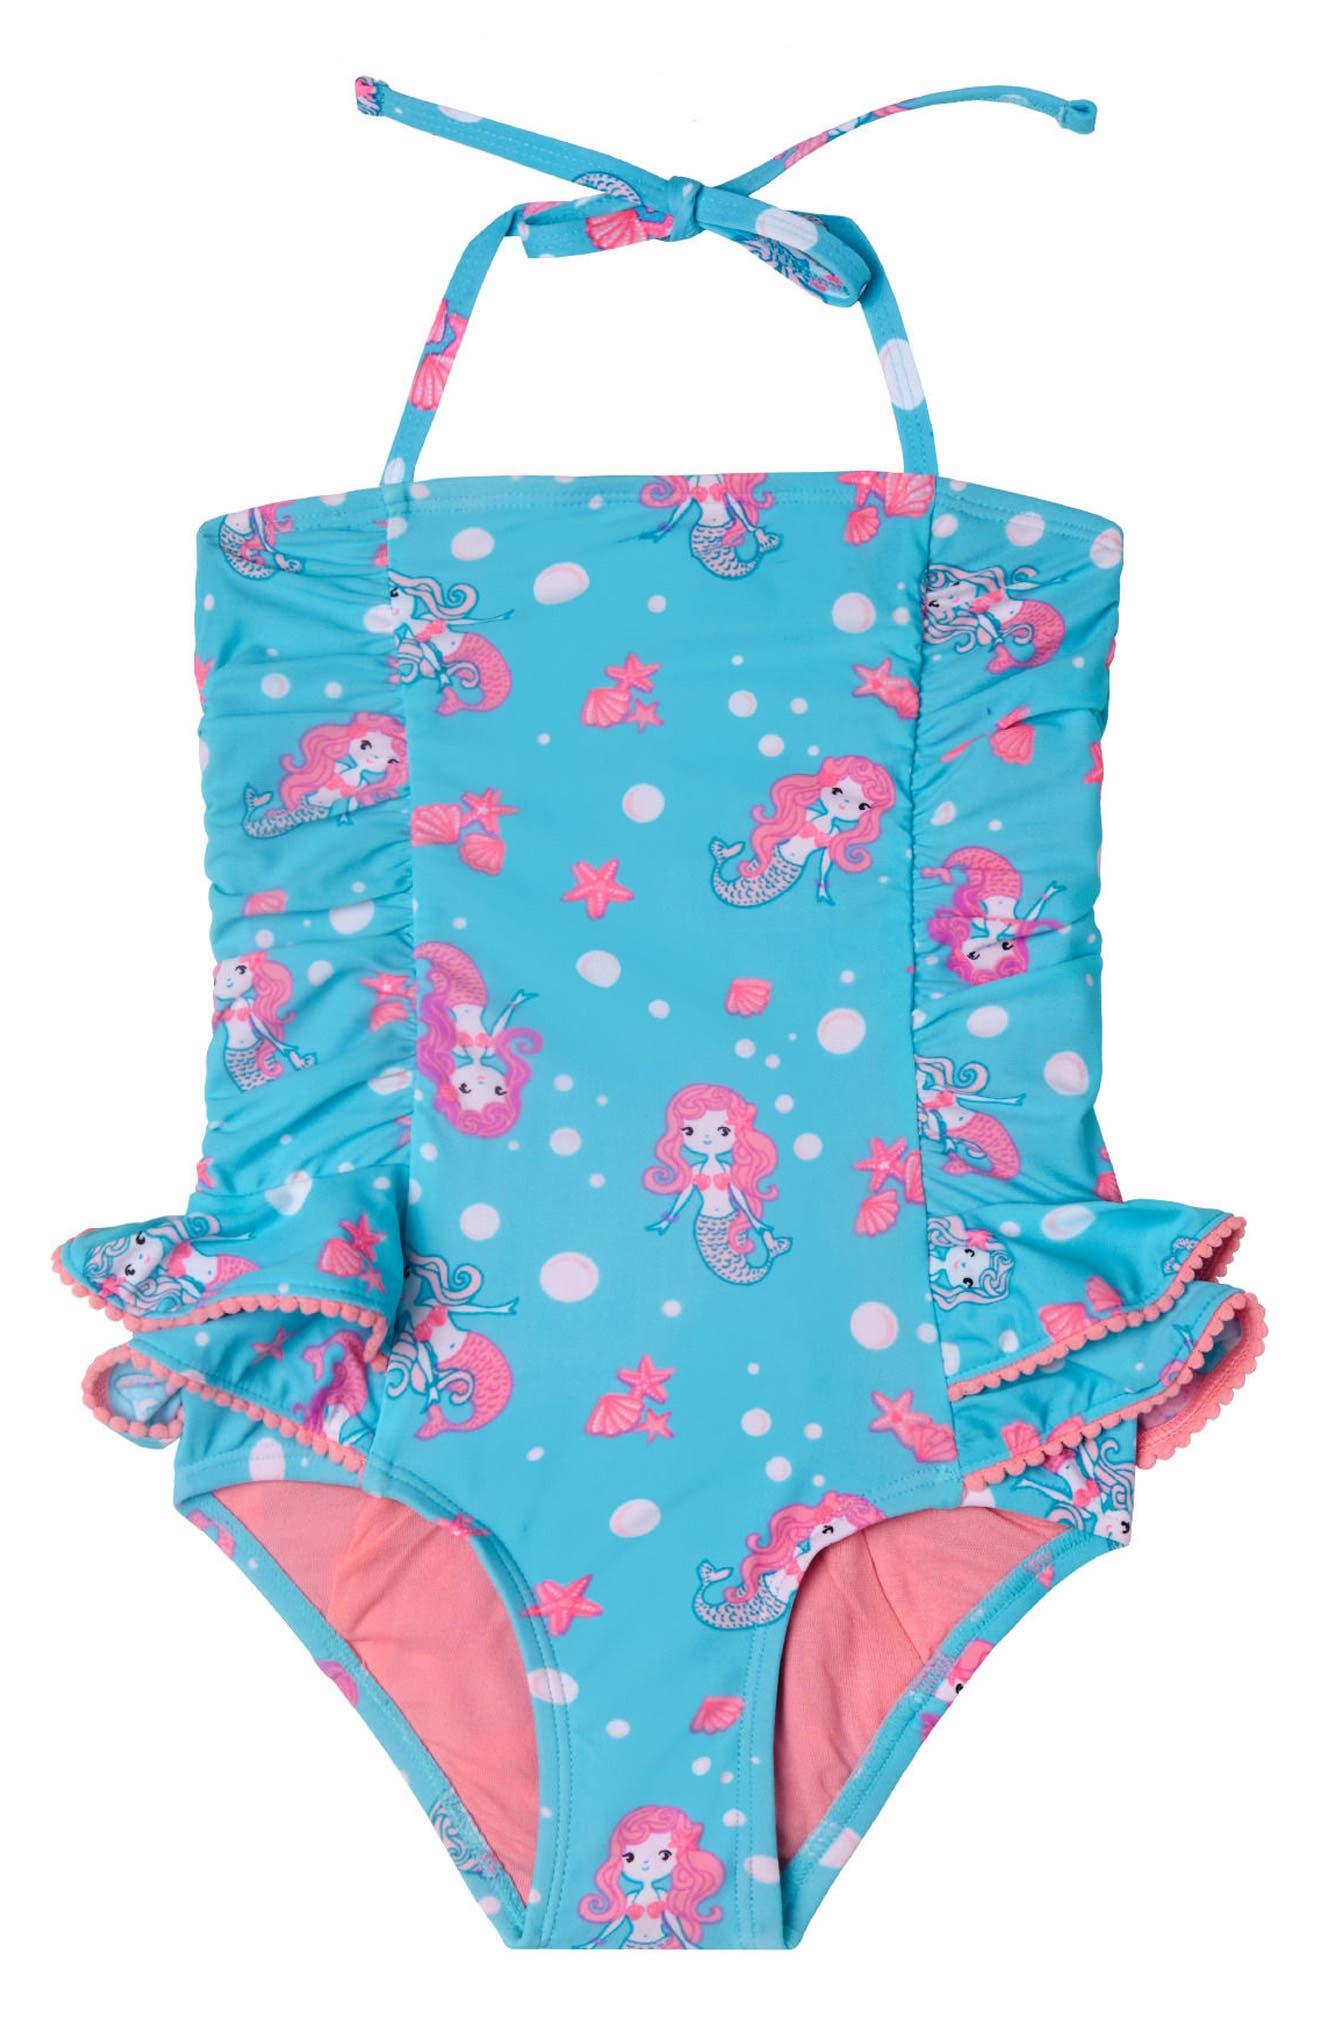 Mermaid Crush One-Piece Swimsuit,                         Main,                         color, Aqua